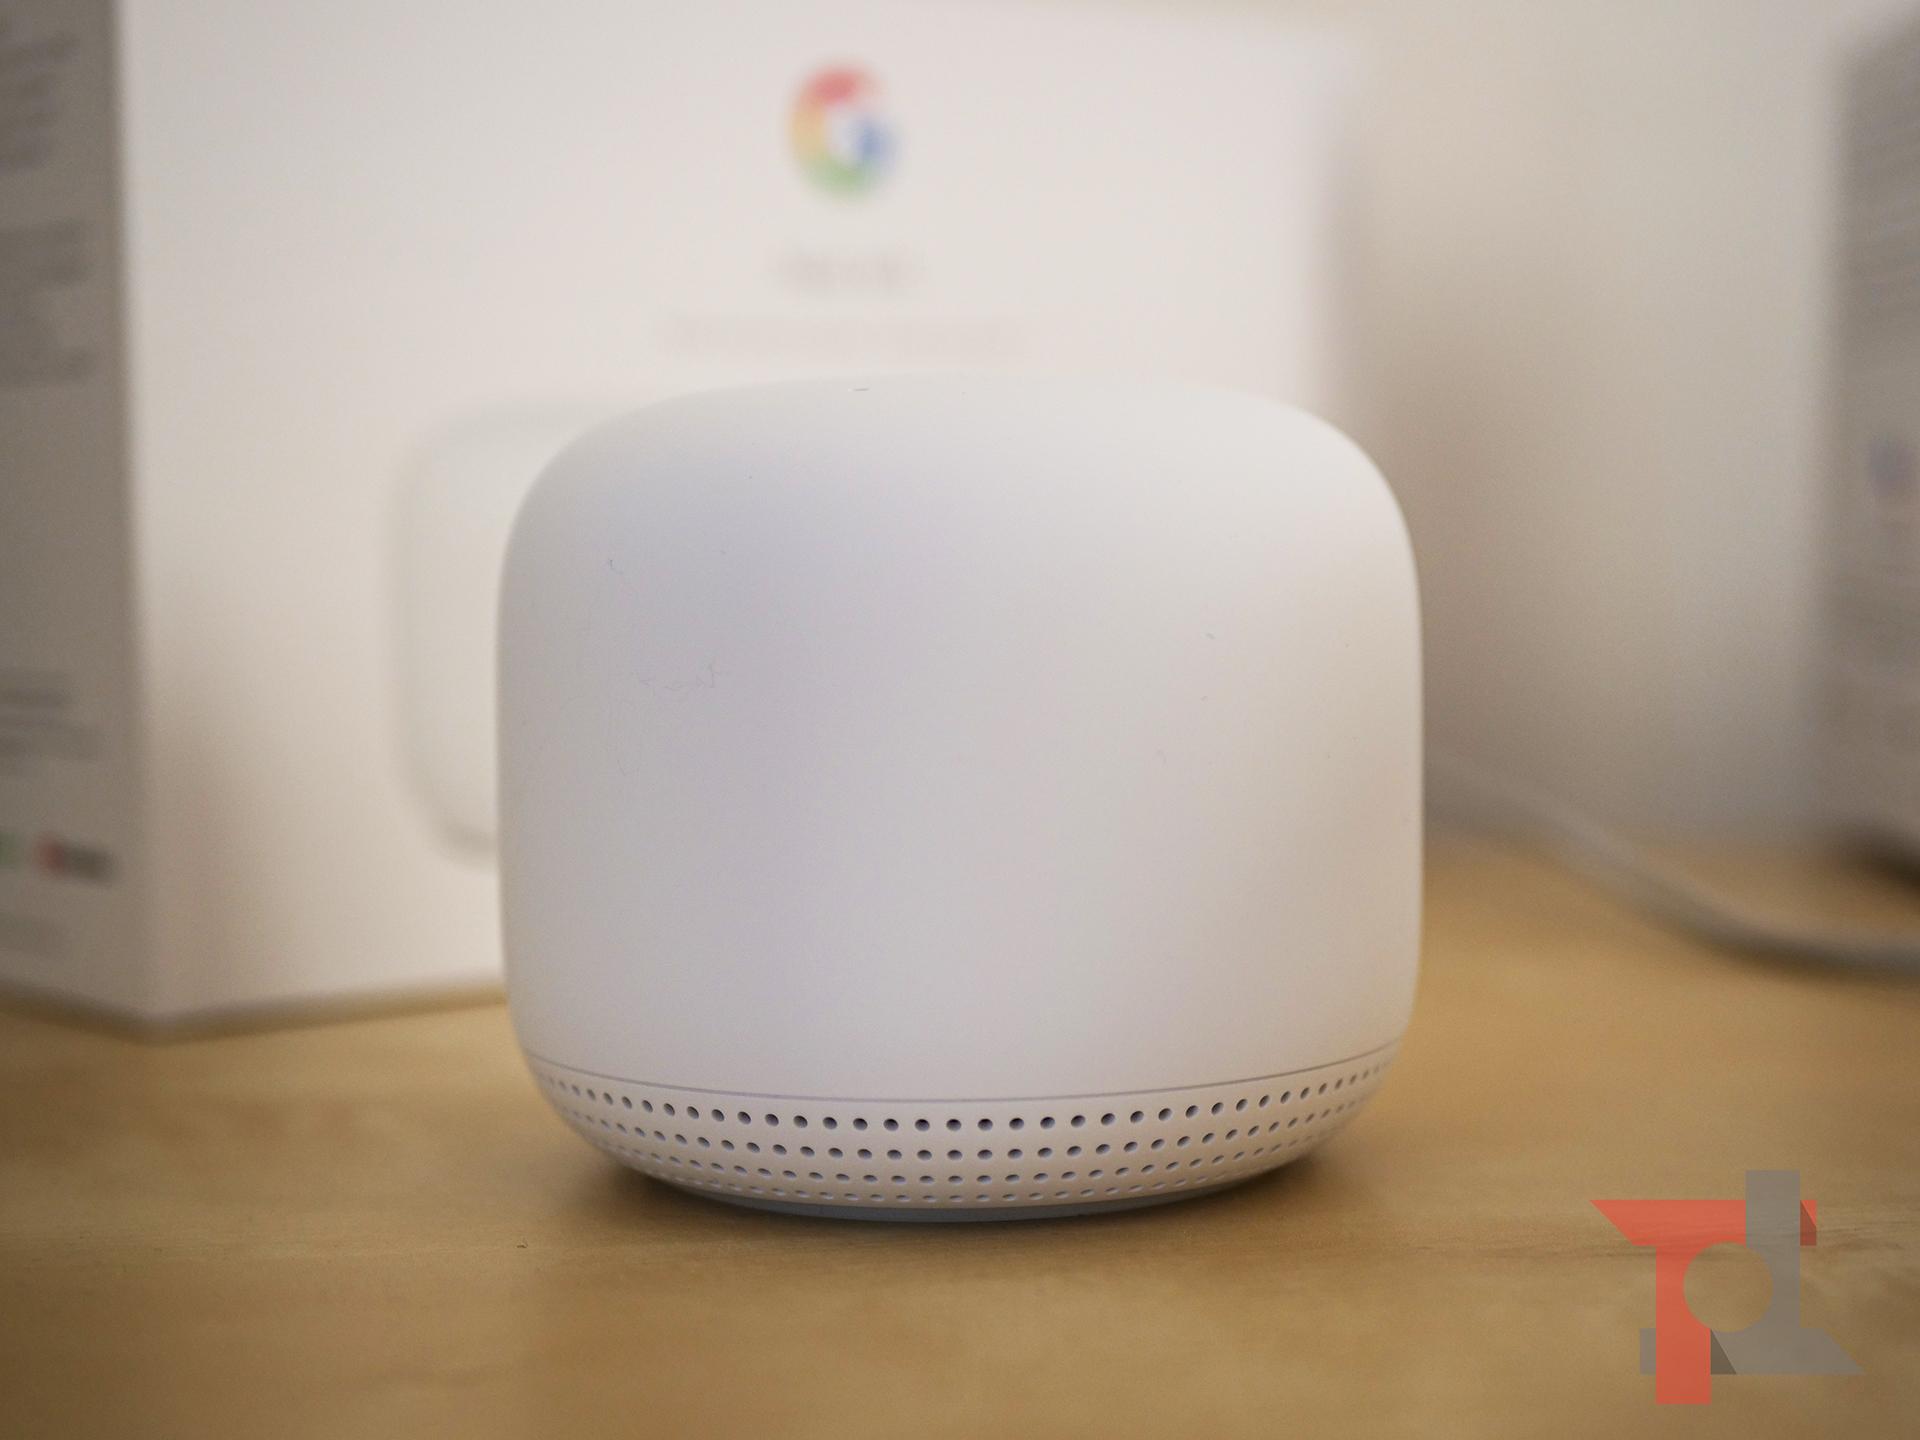 Ecco perché Google ha disattivato la registrazione audio per alcuni servizi